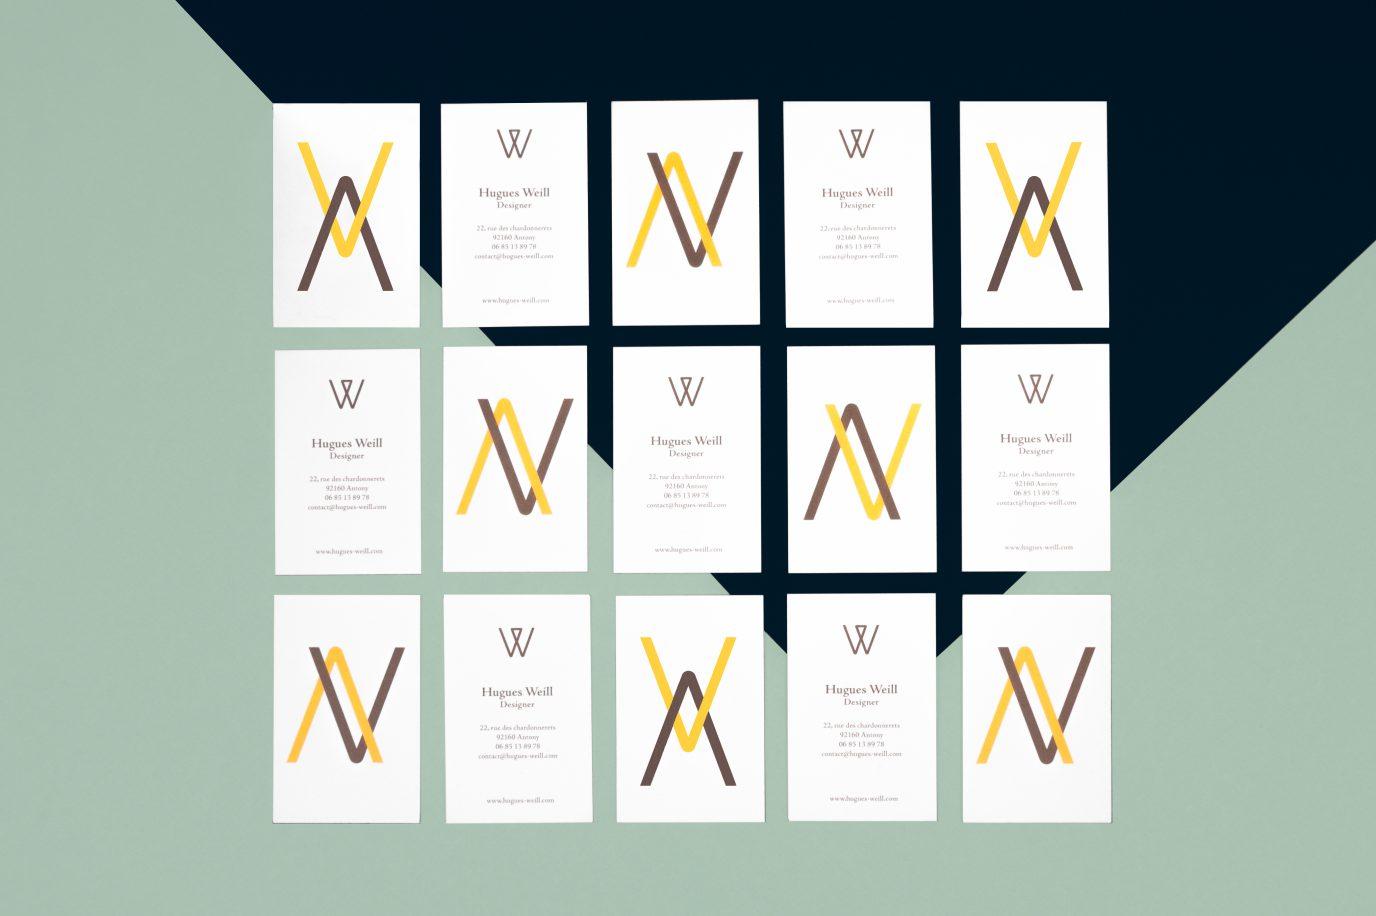 Identité graphique du design d'objets et de mobilier Hugues Weill